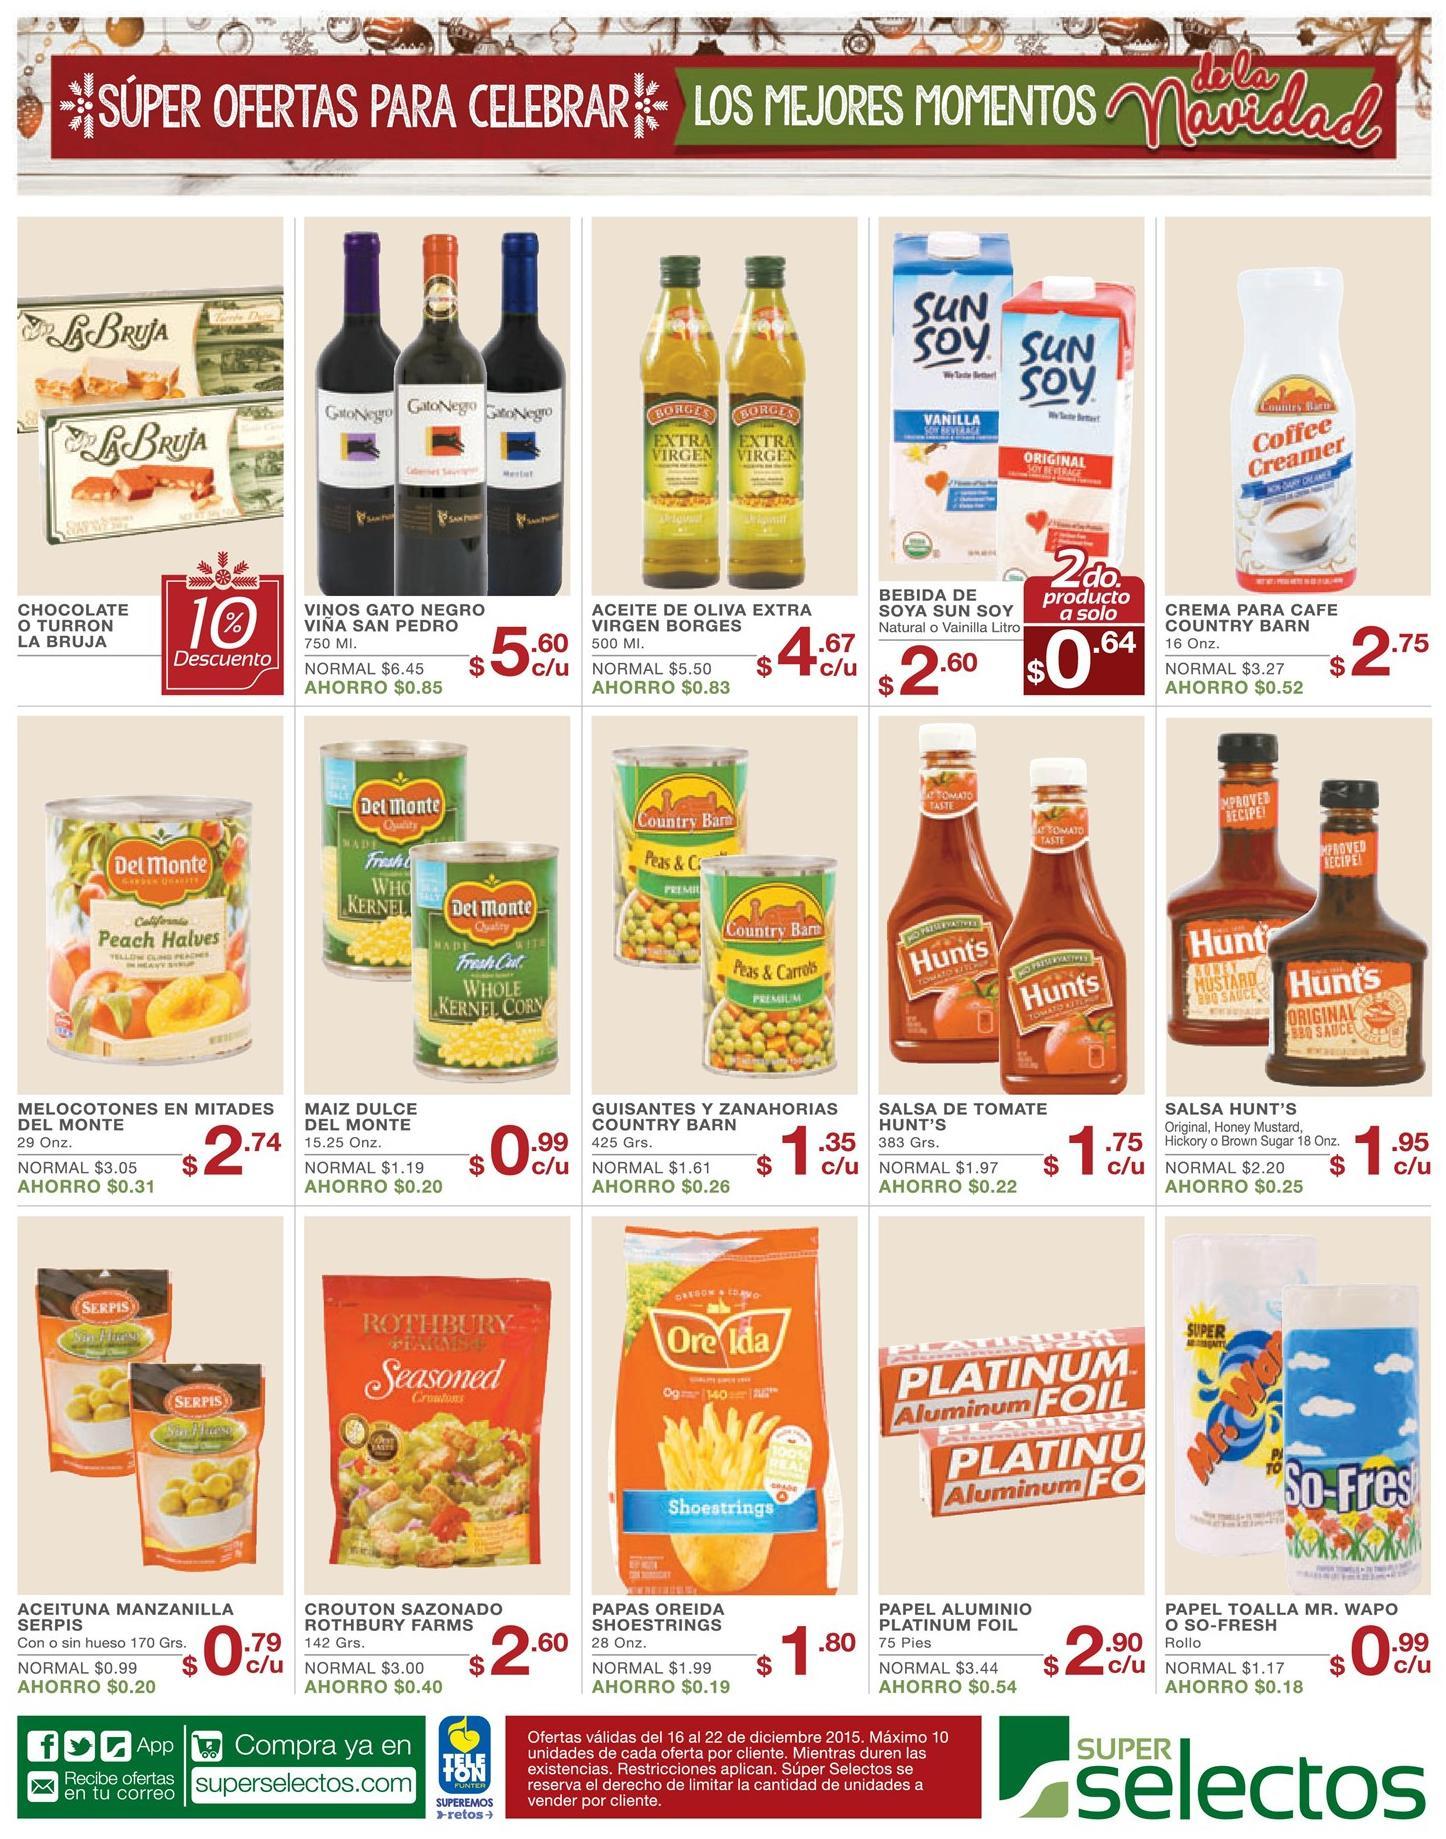 Productos en oferta para celebrar en diciembre